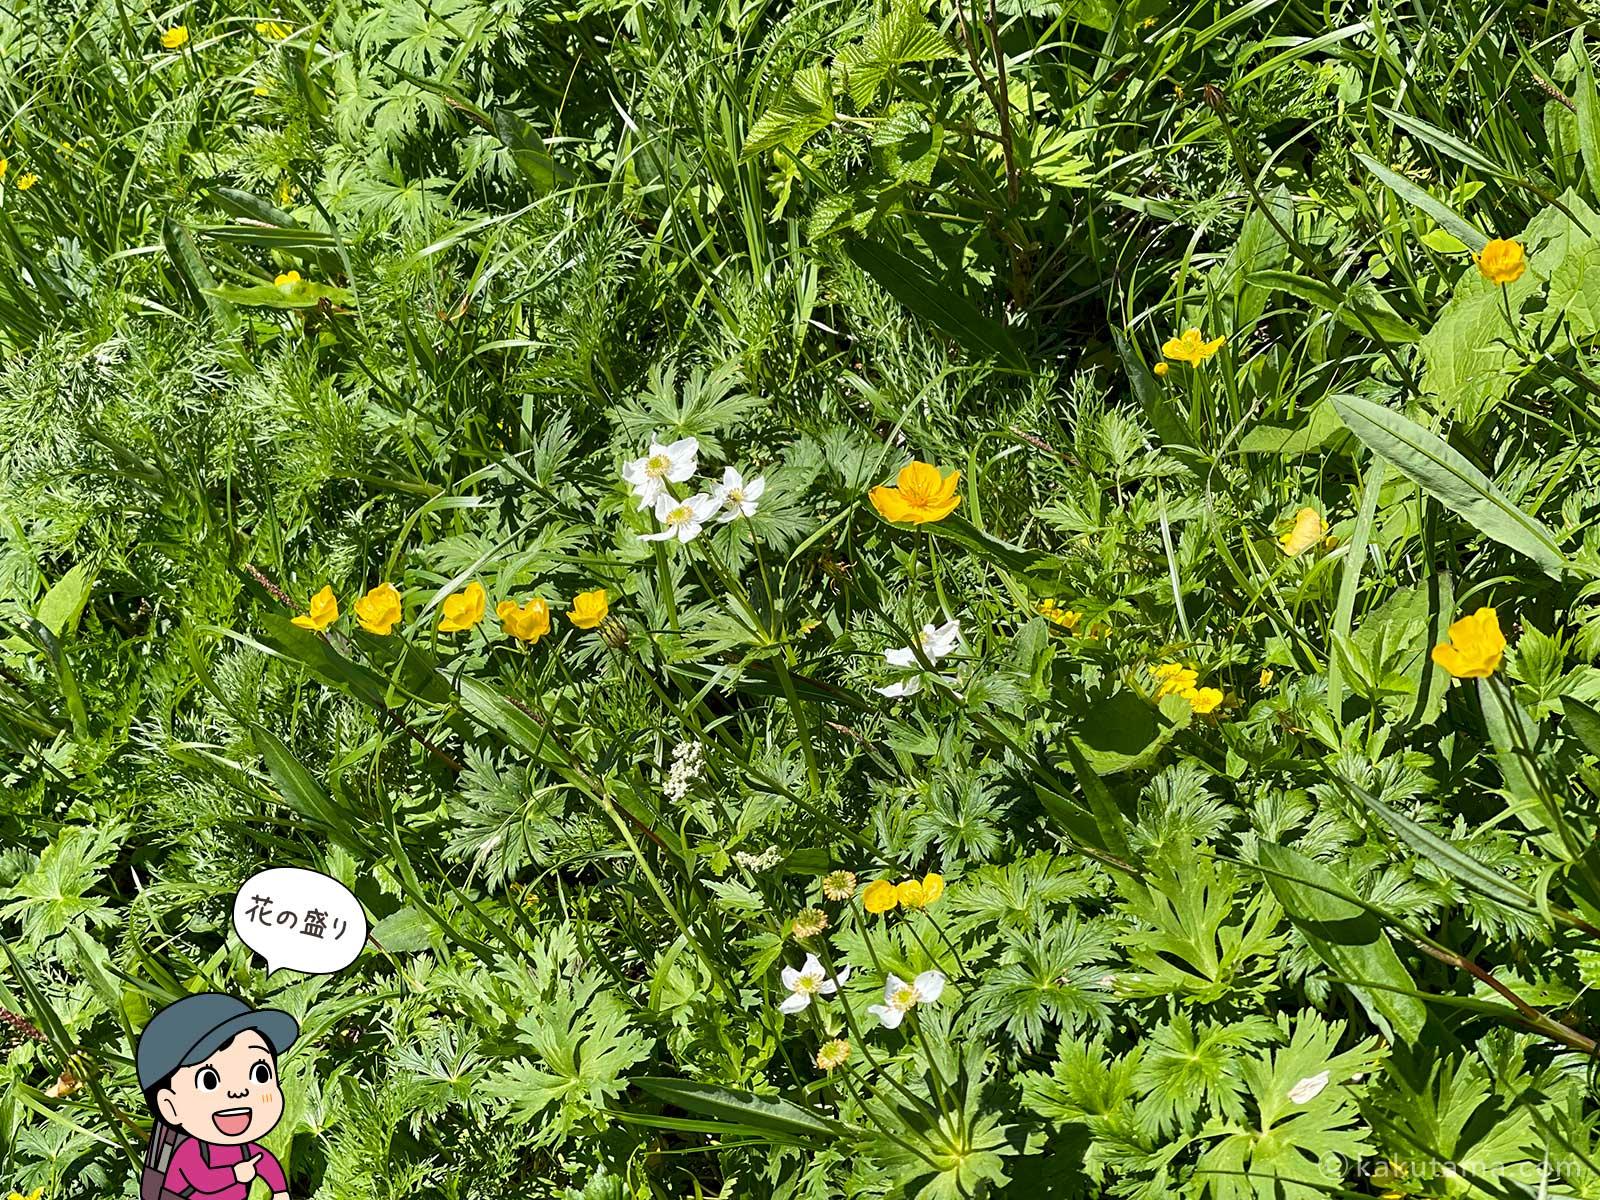 北アルプスに咲く高山植物